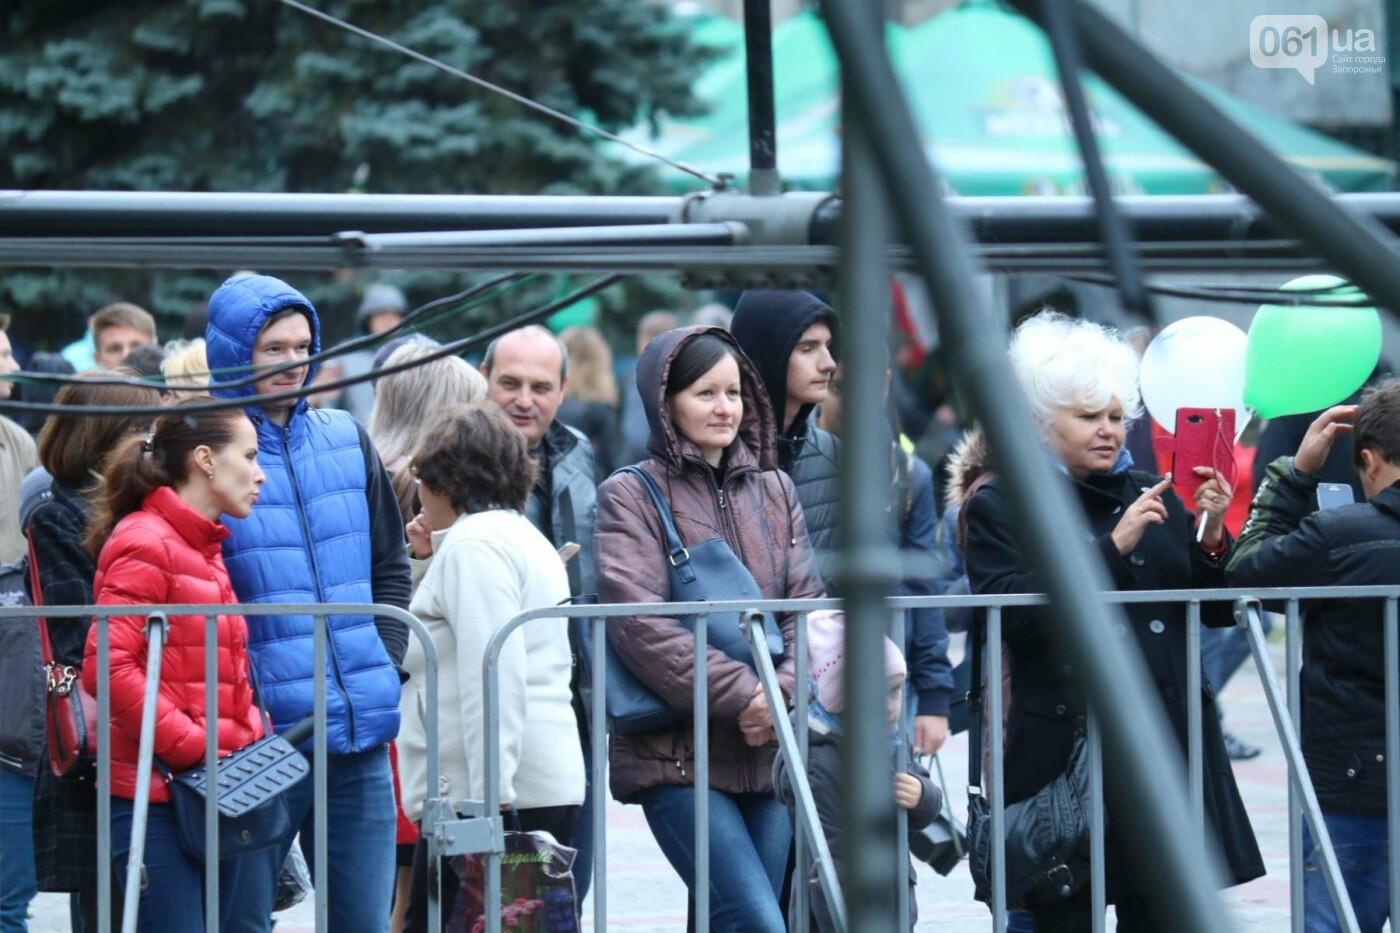 В парке Трудовой славы Onuka провела саундчек перед вечерним концертом, - ФОТО , фото-16